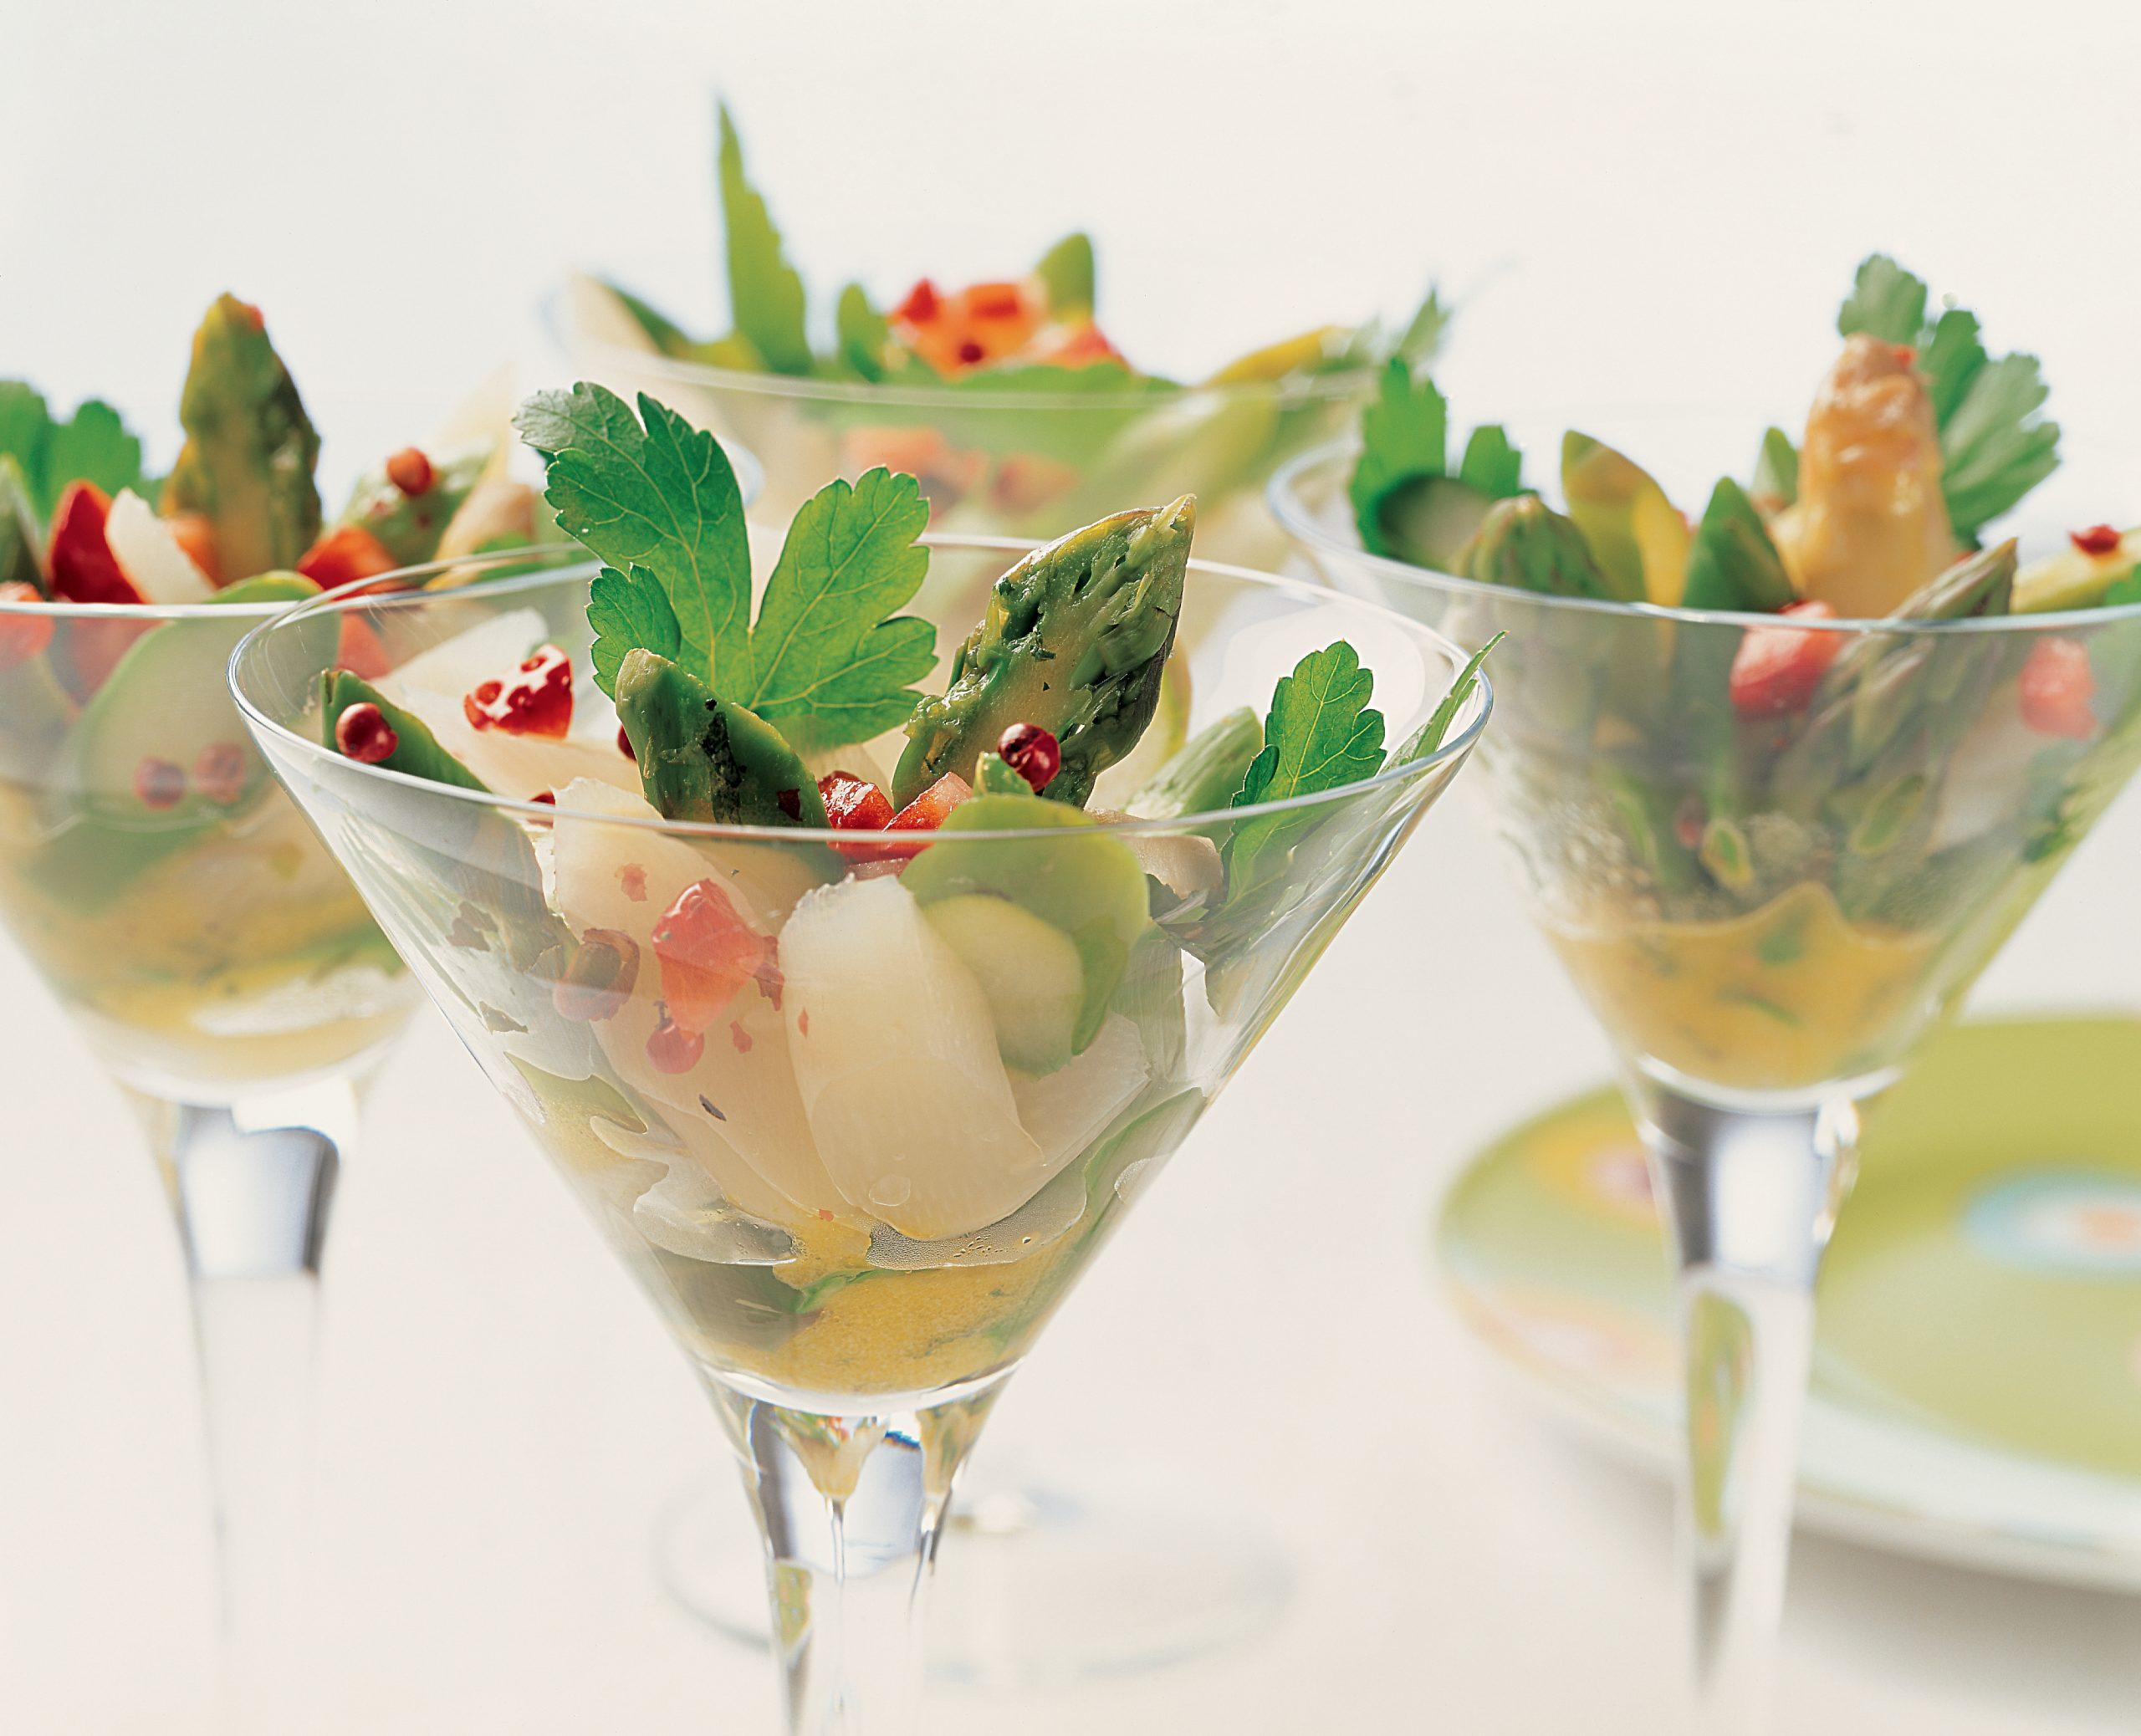 Salade d'asperges et vinaigrette à la fraise